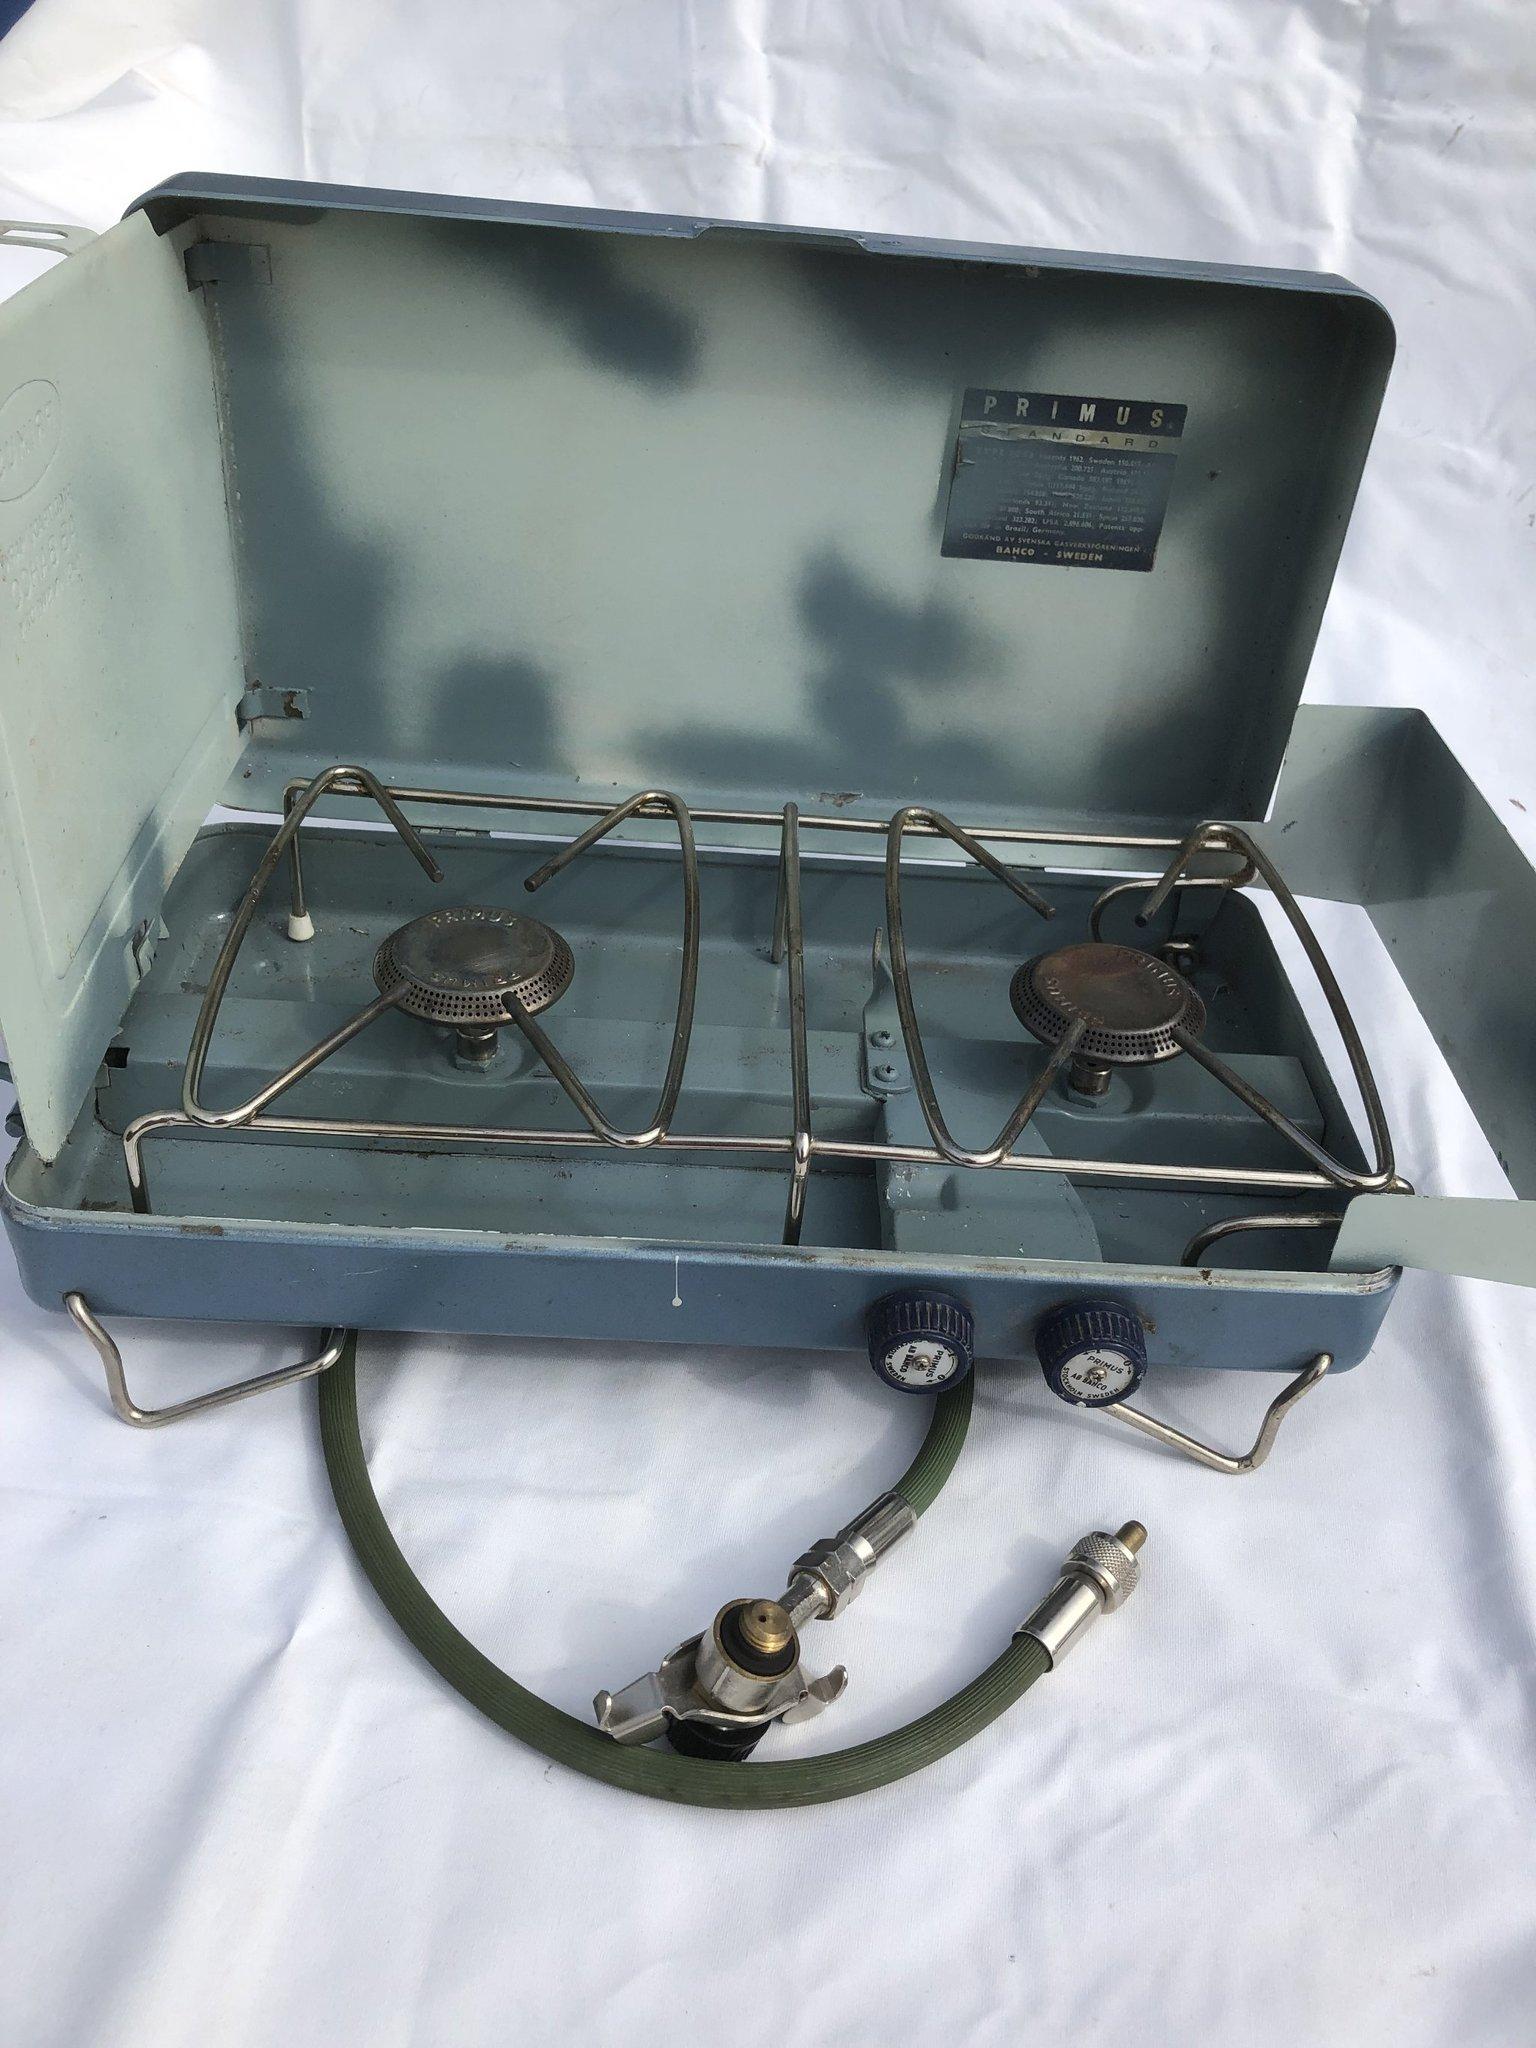 Strålande CAMPINGKÖK Gasol Primus 2 brännare (361126778) ᐈ Köp på Tradera BG-86